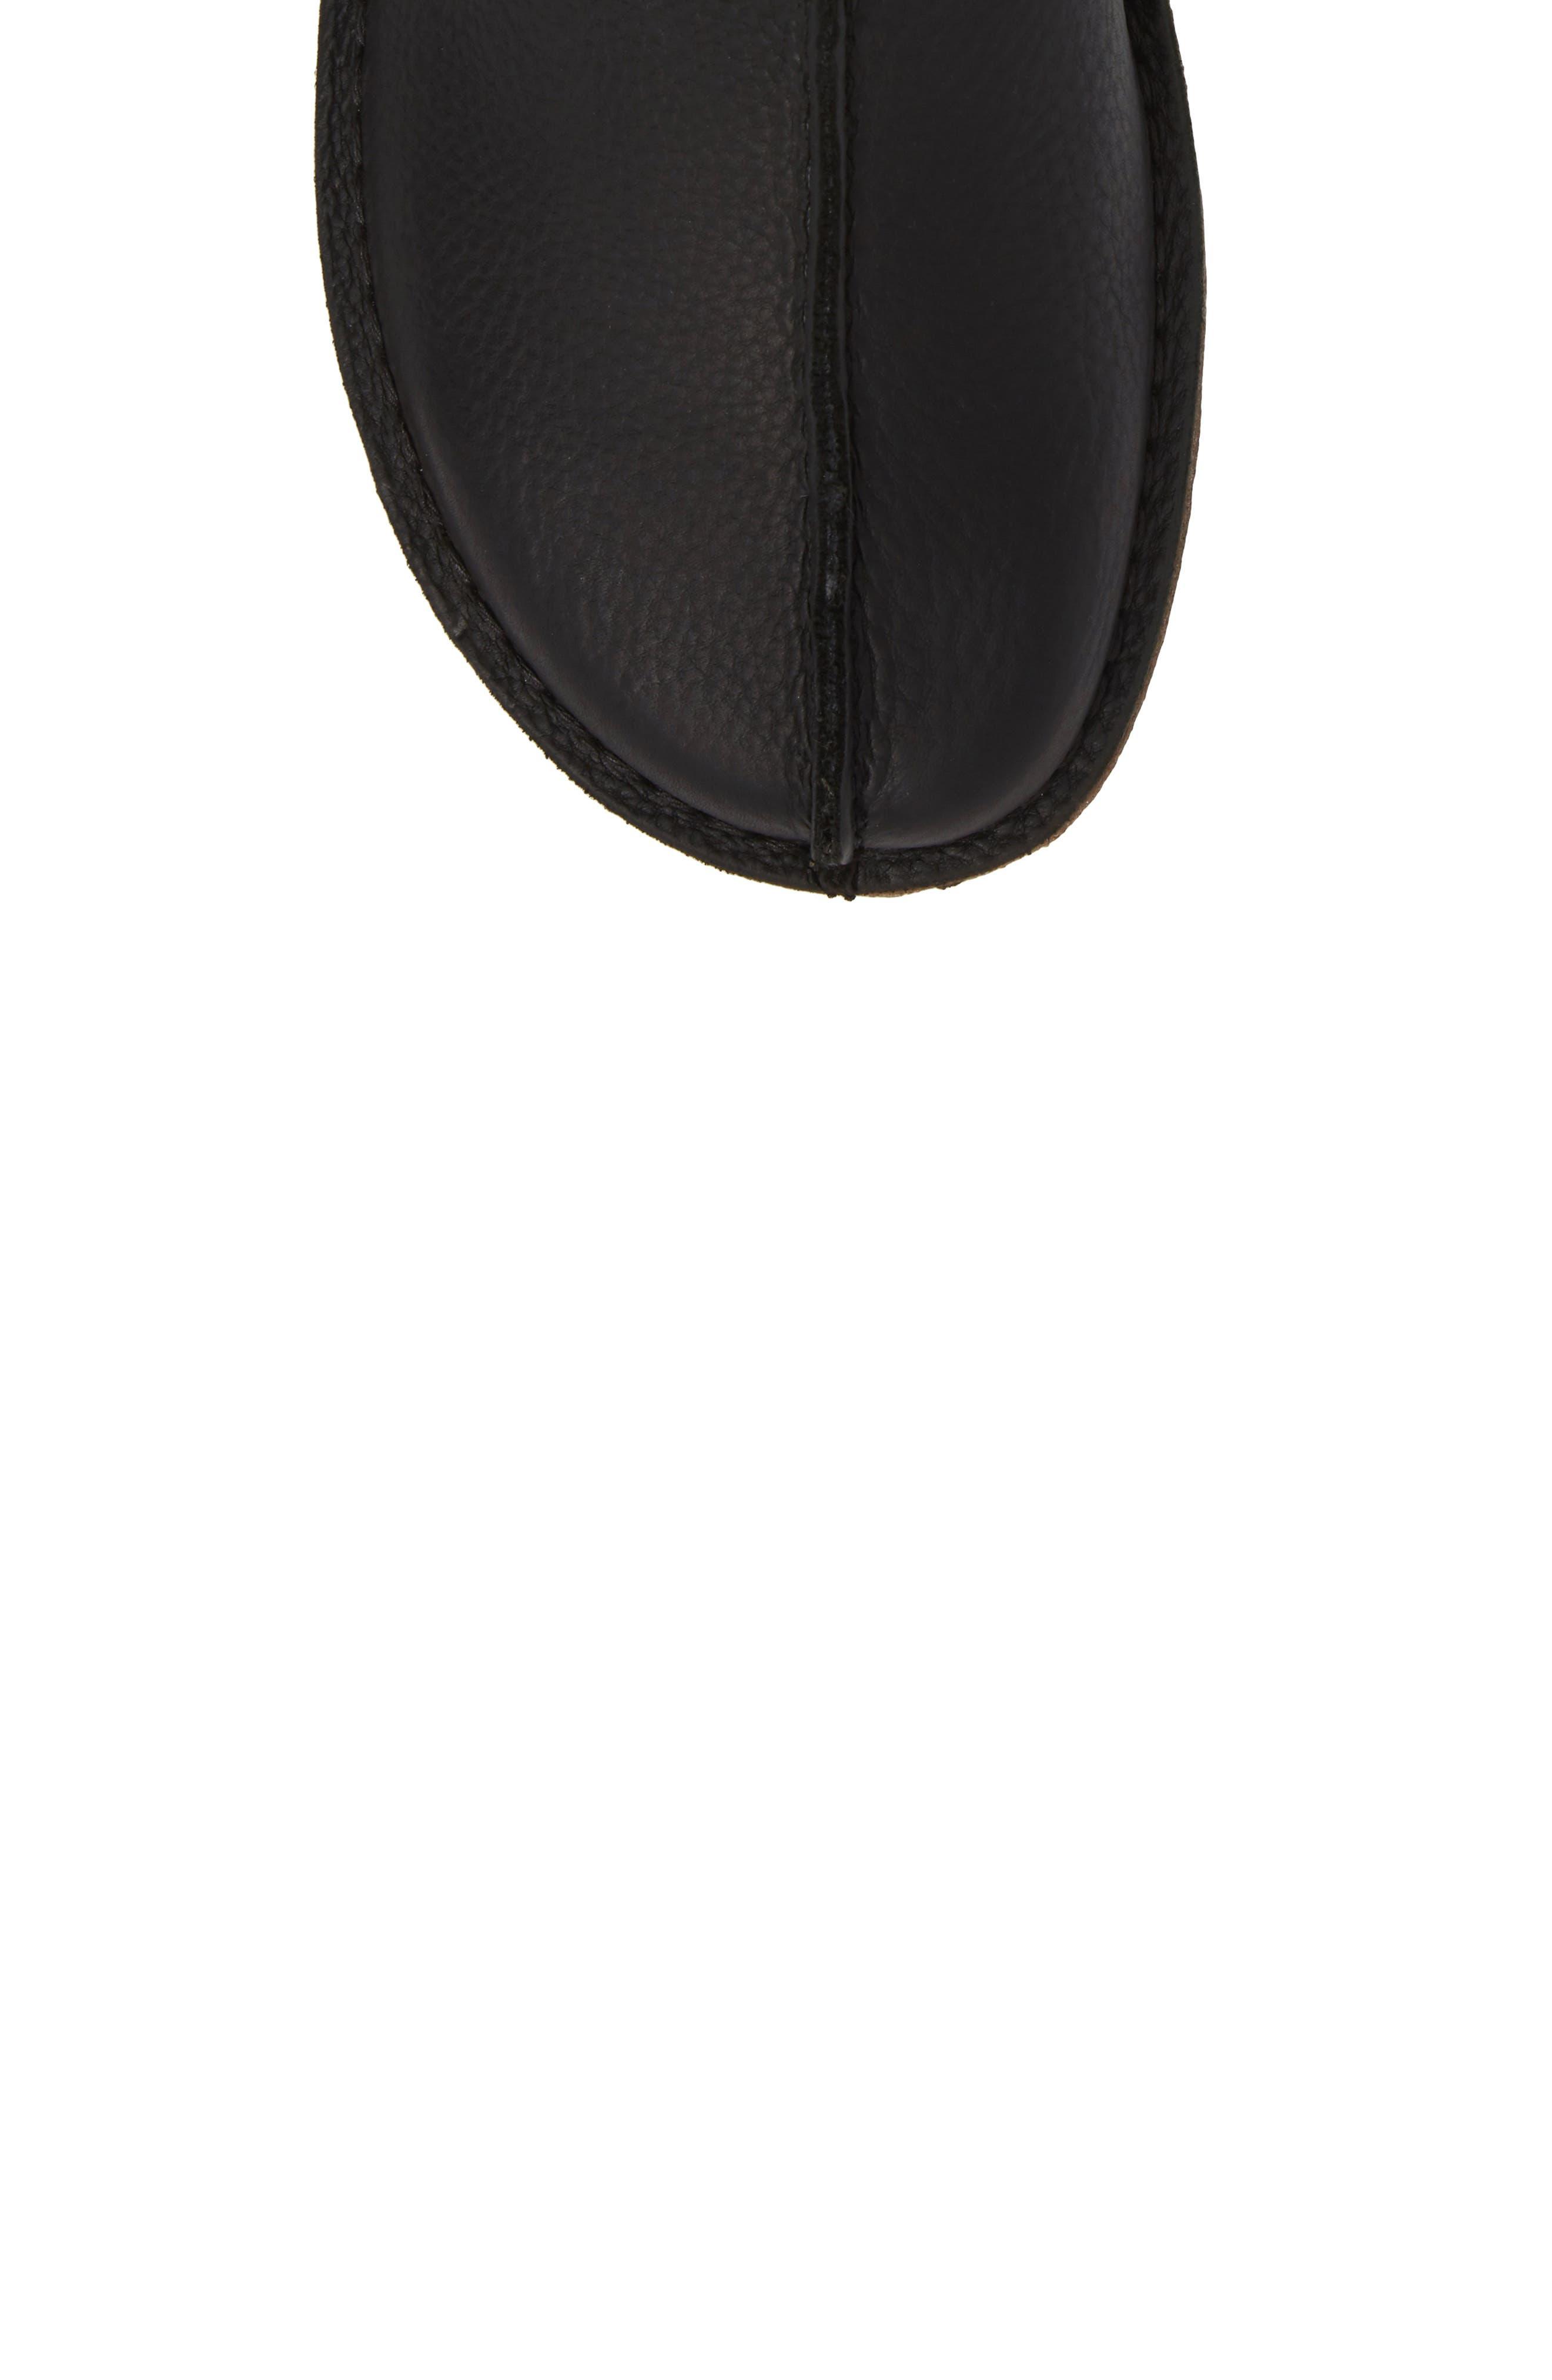 Clarks Desert Trek Leather Boot,                             Alternate thumbnail 5, color,                             Black Leather